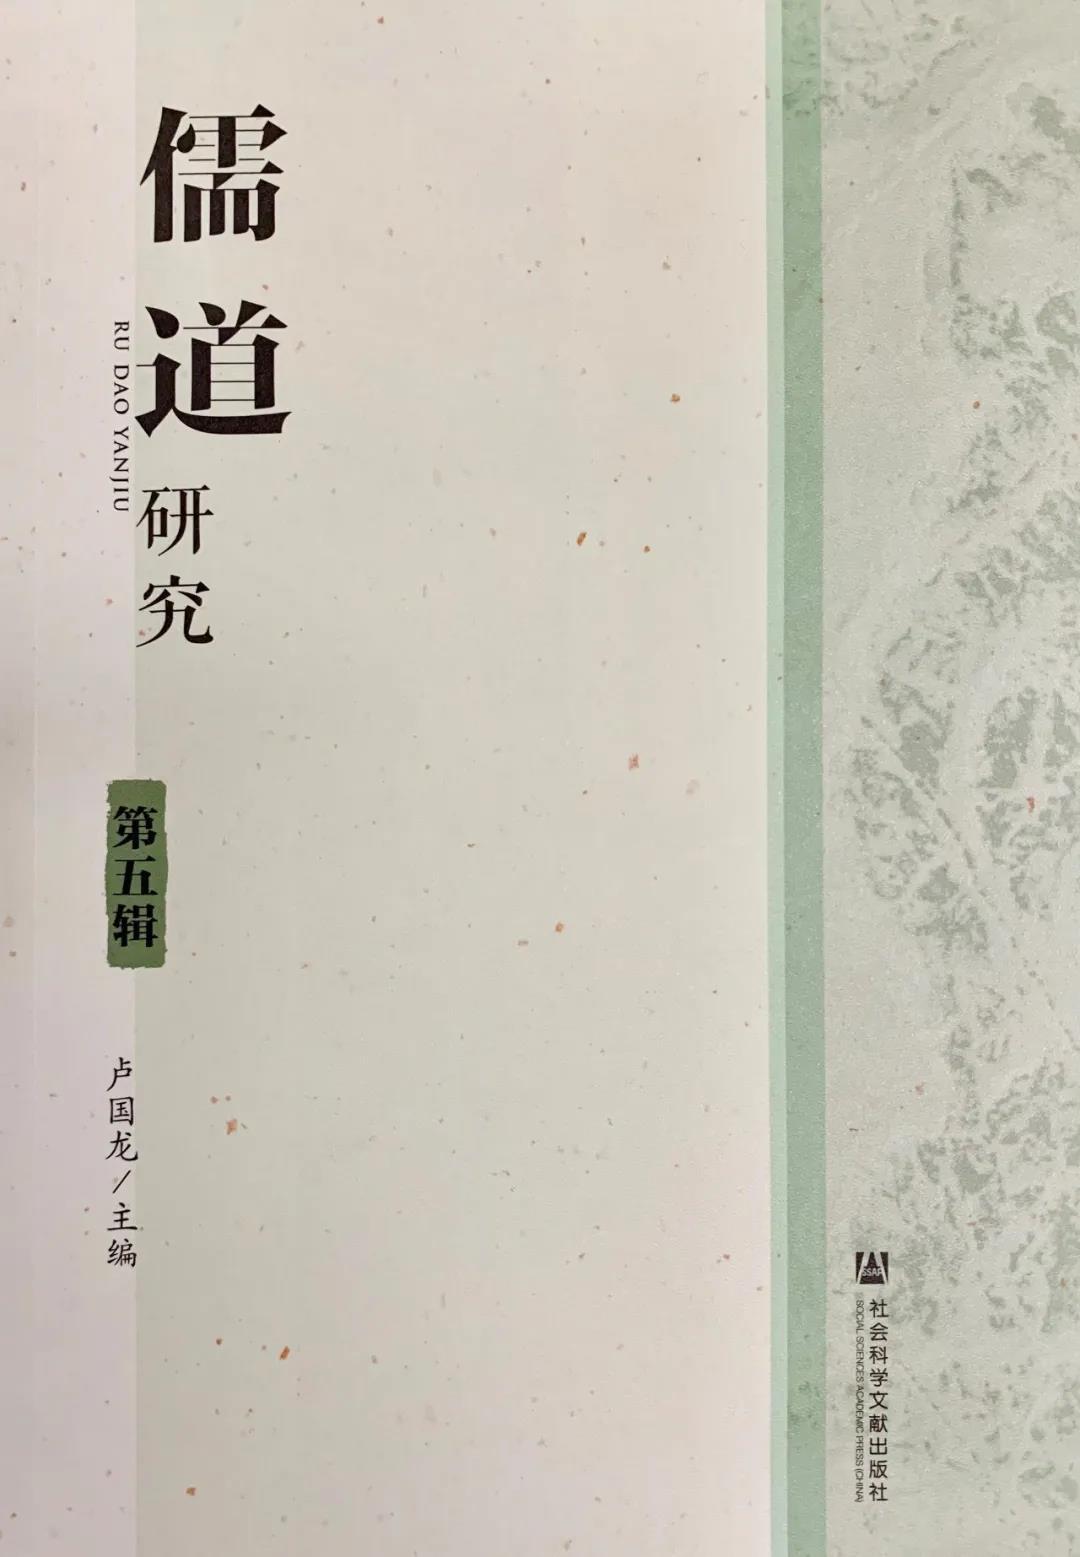 《儒道研究》第五辑目录